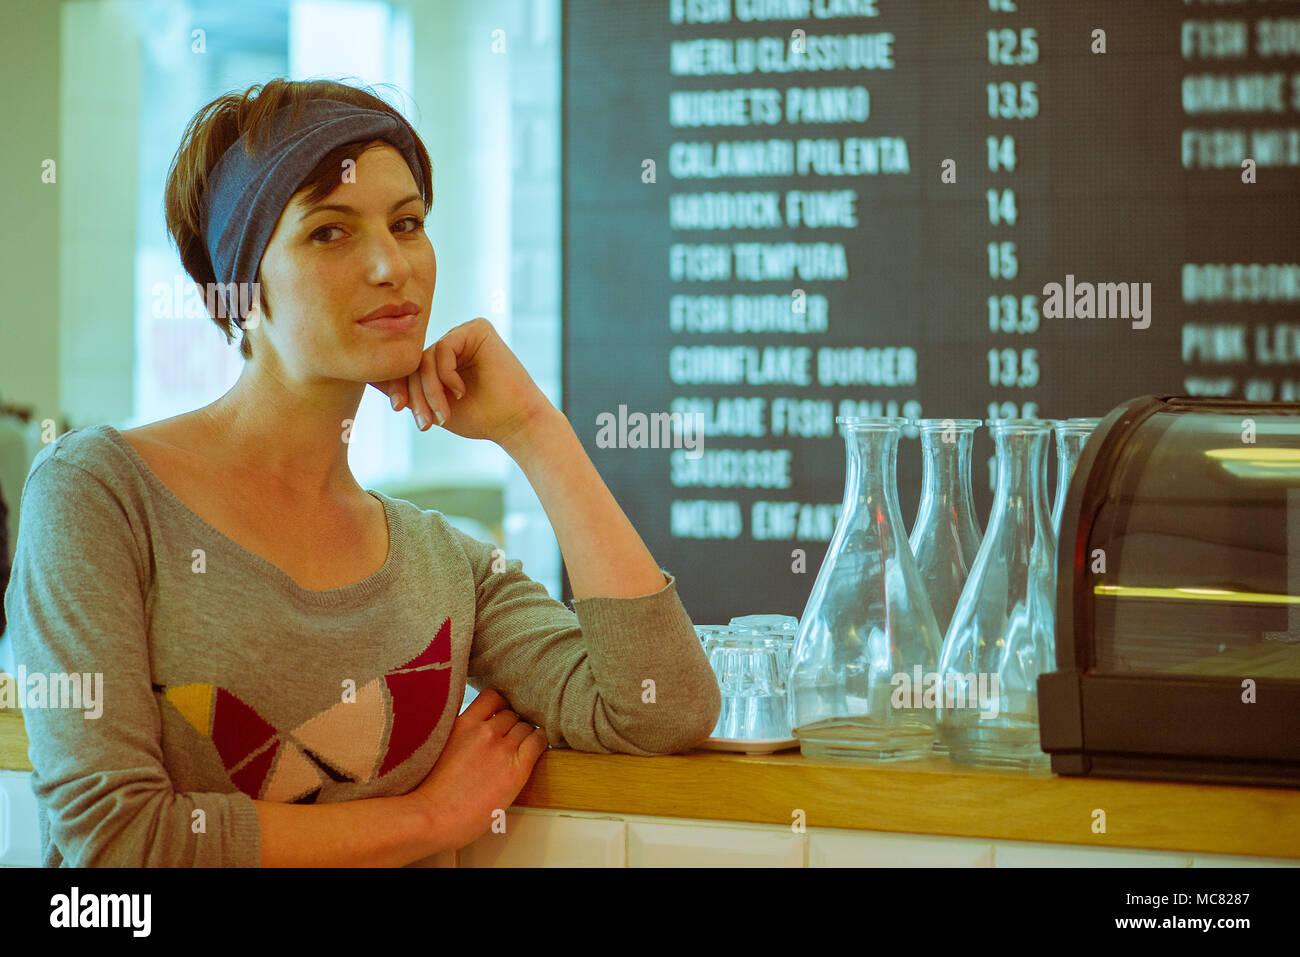 Cafe owner, portrait - Stock Image